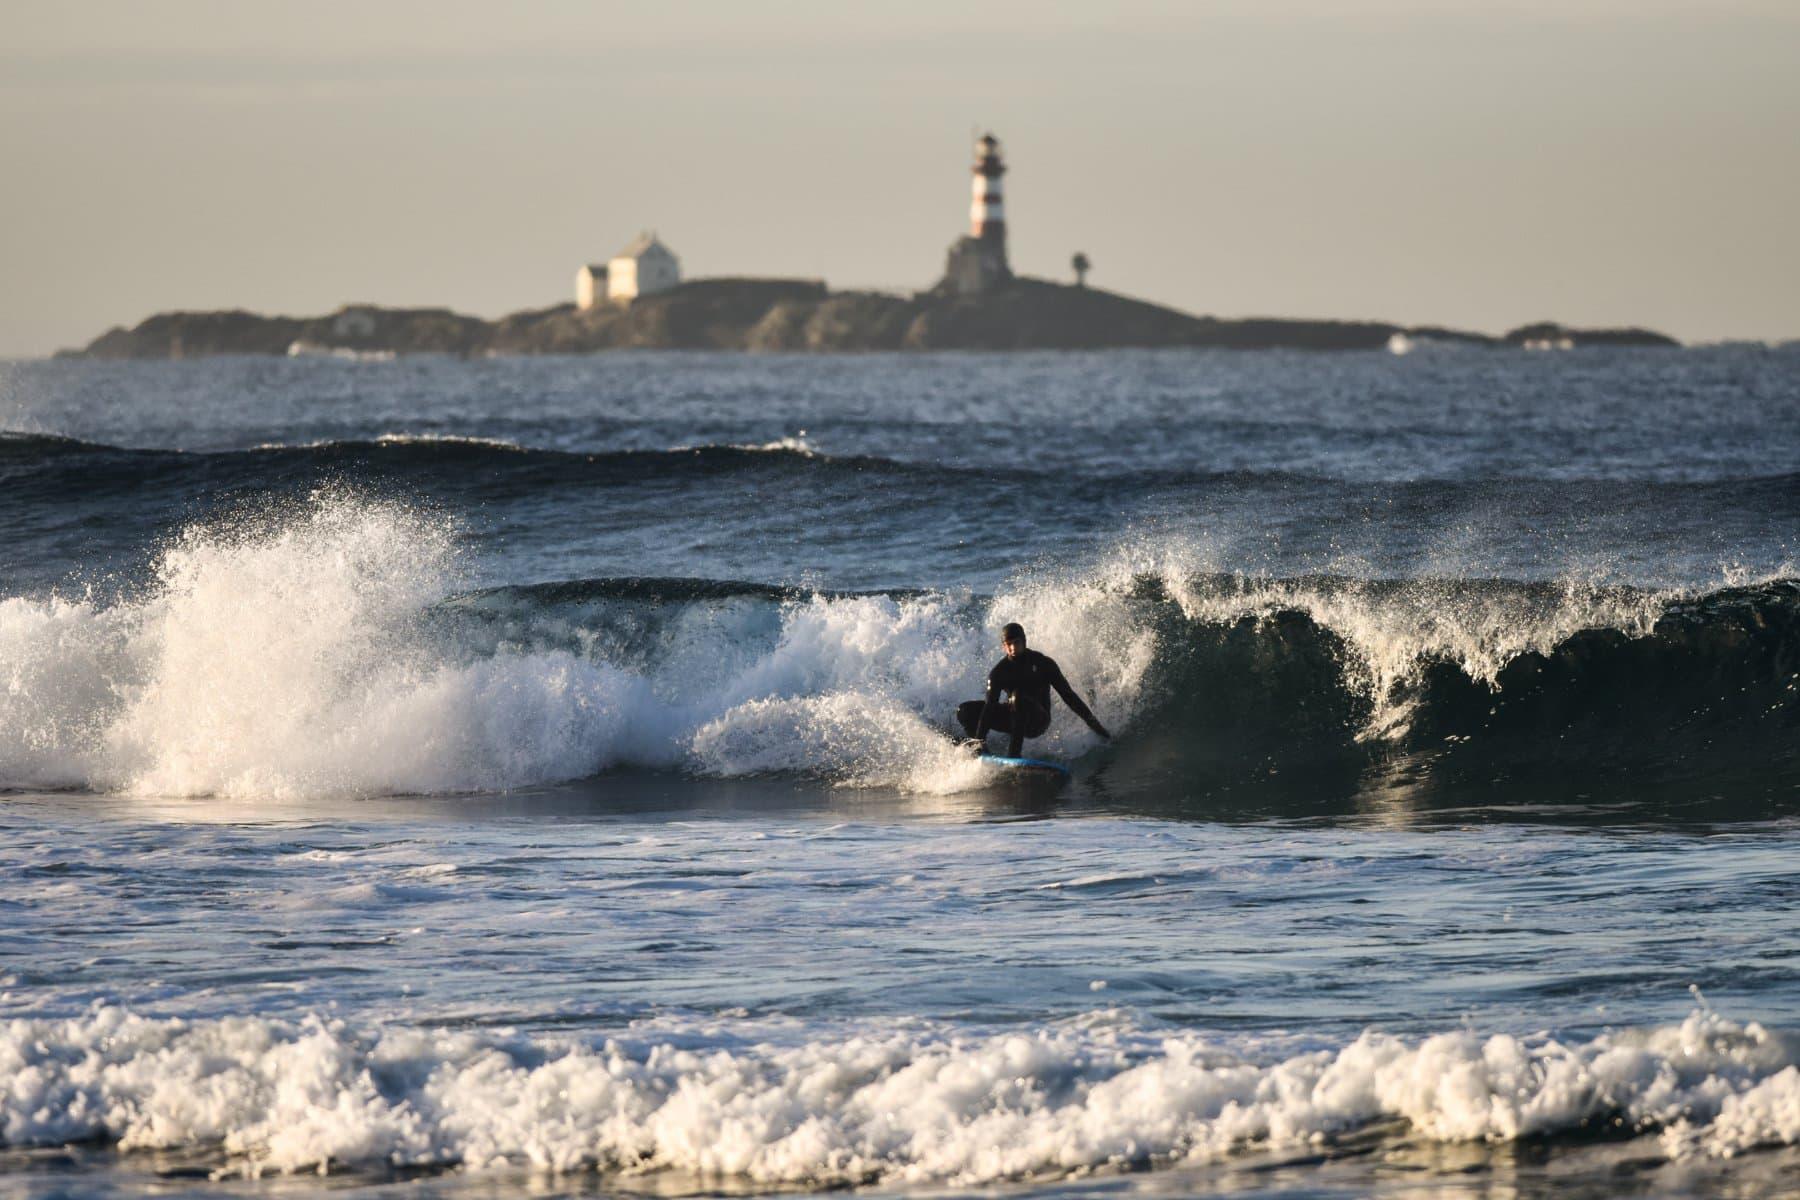 Optimale surfeforhold like utfor skolen - Jæren fhs